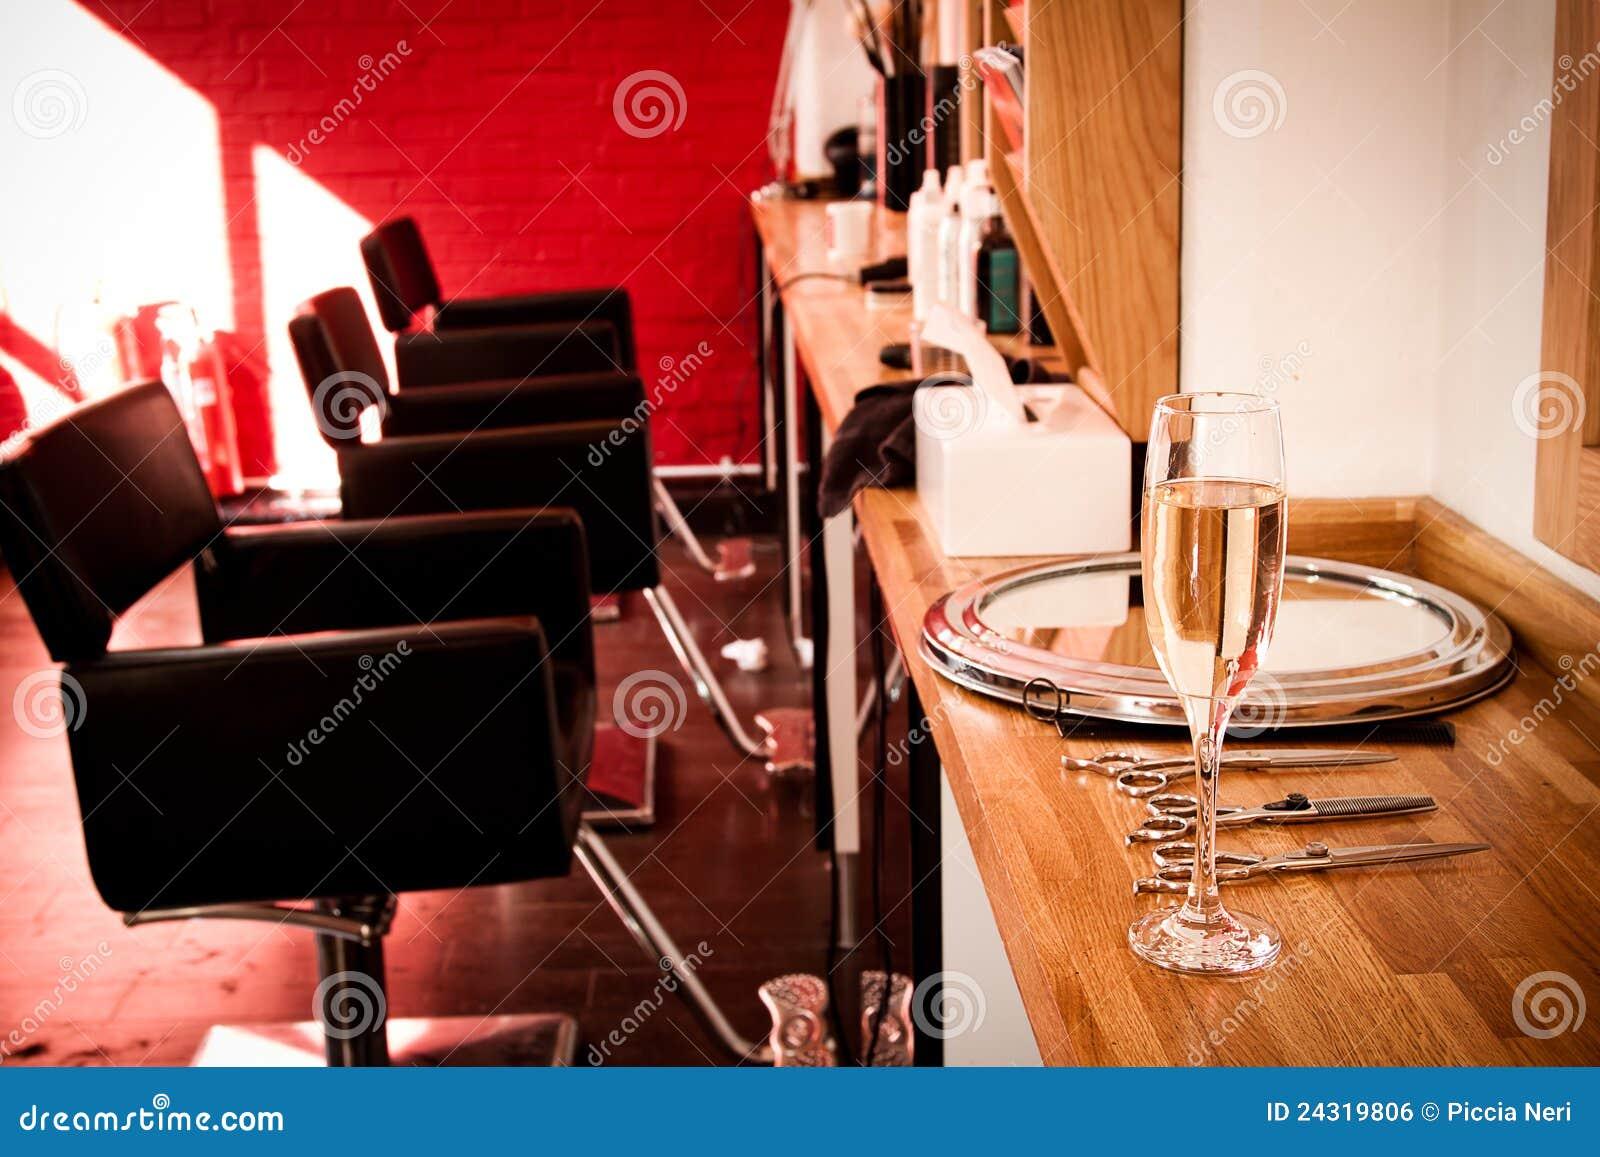 le salon du coiffeur photo stock image du coiffeur ciseaux 24319806. Black Bedroom Furniture Sets. Home Design Ideas